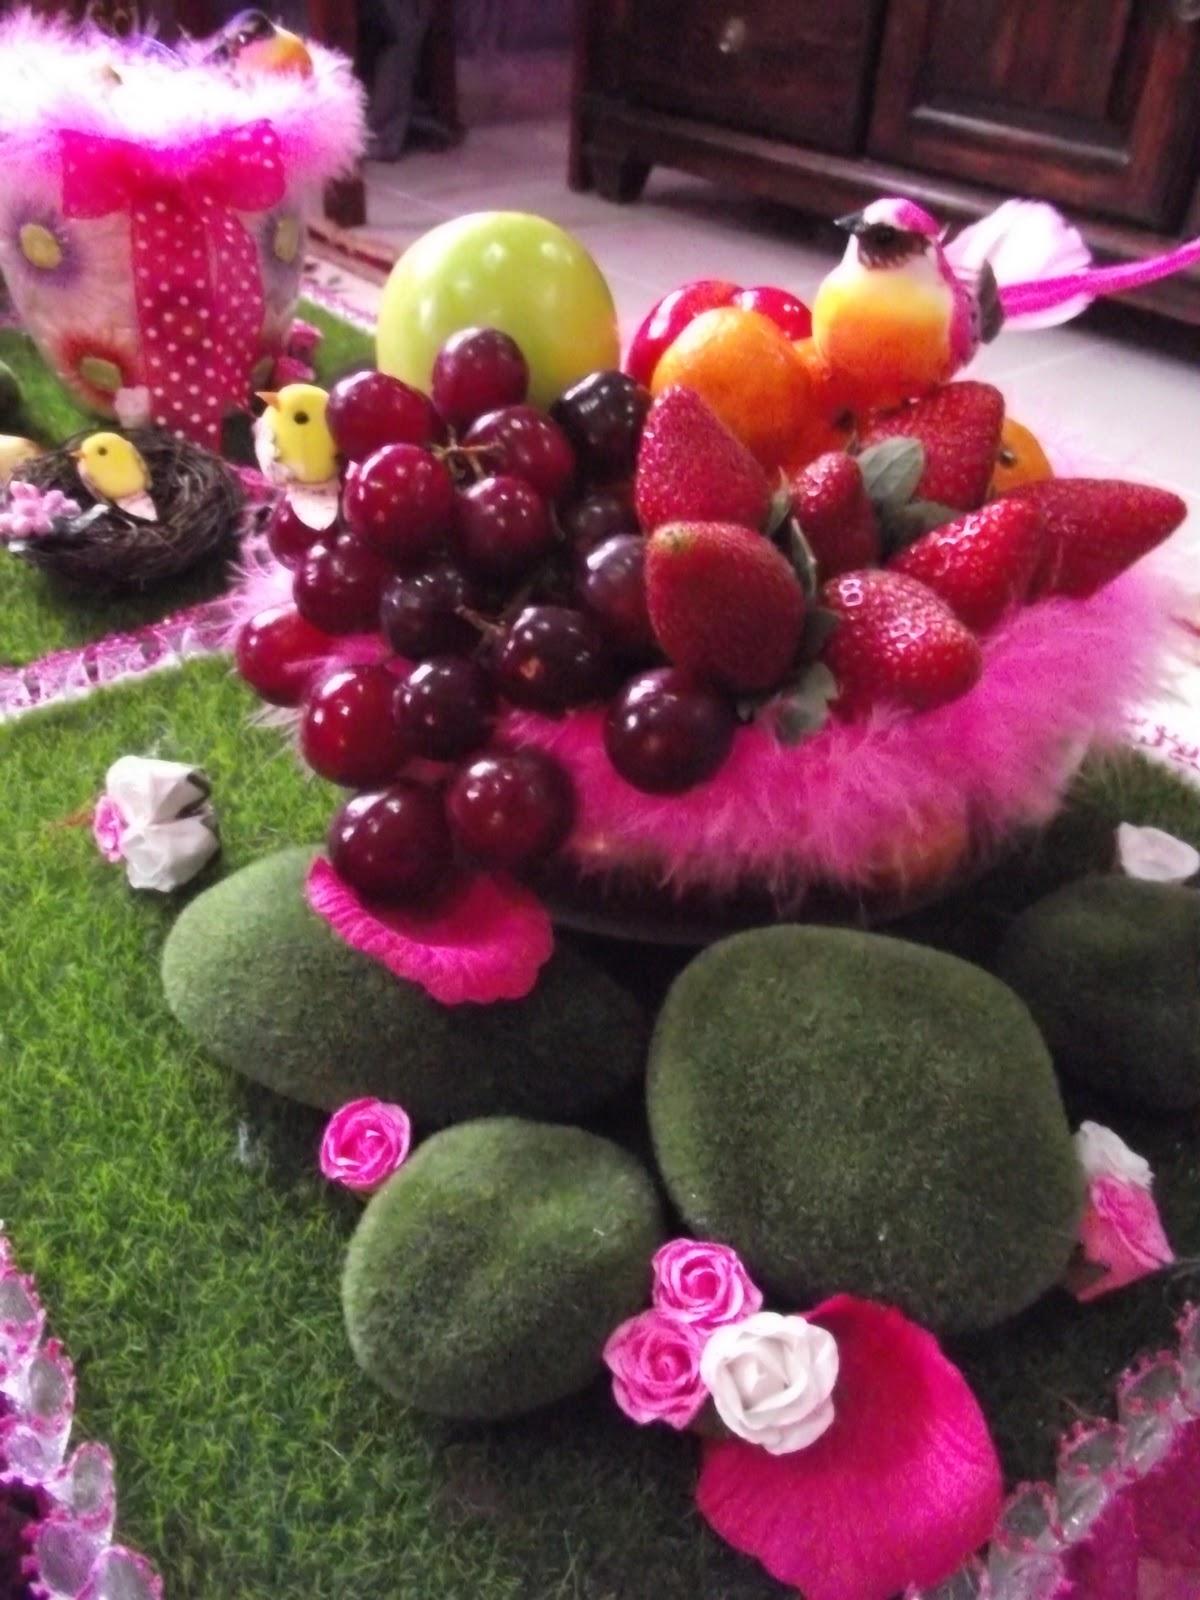 antara yang menjadi kesayanganku...dulang buah-buahan 7beef1593d